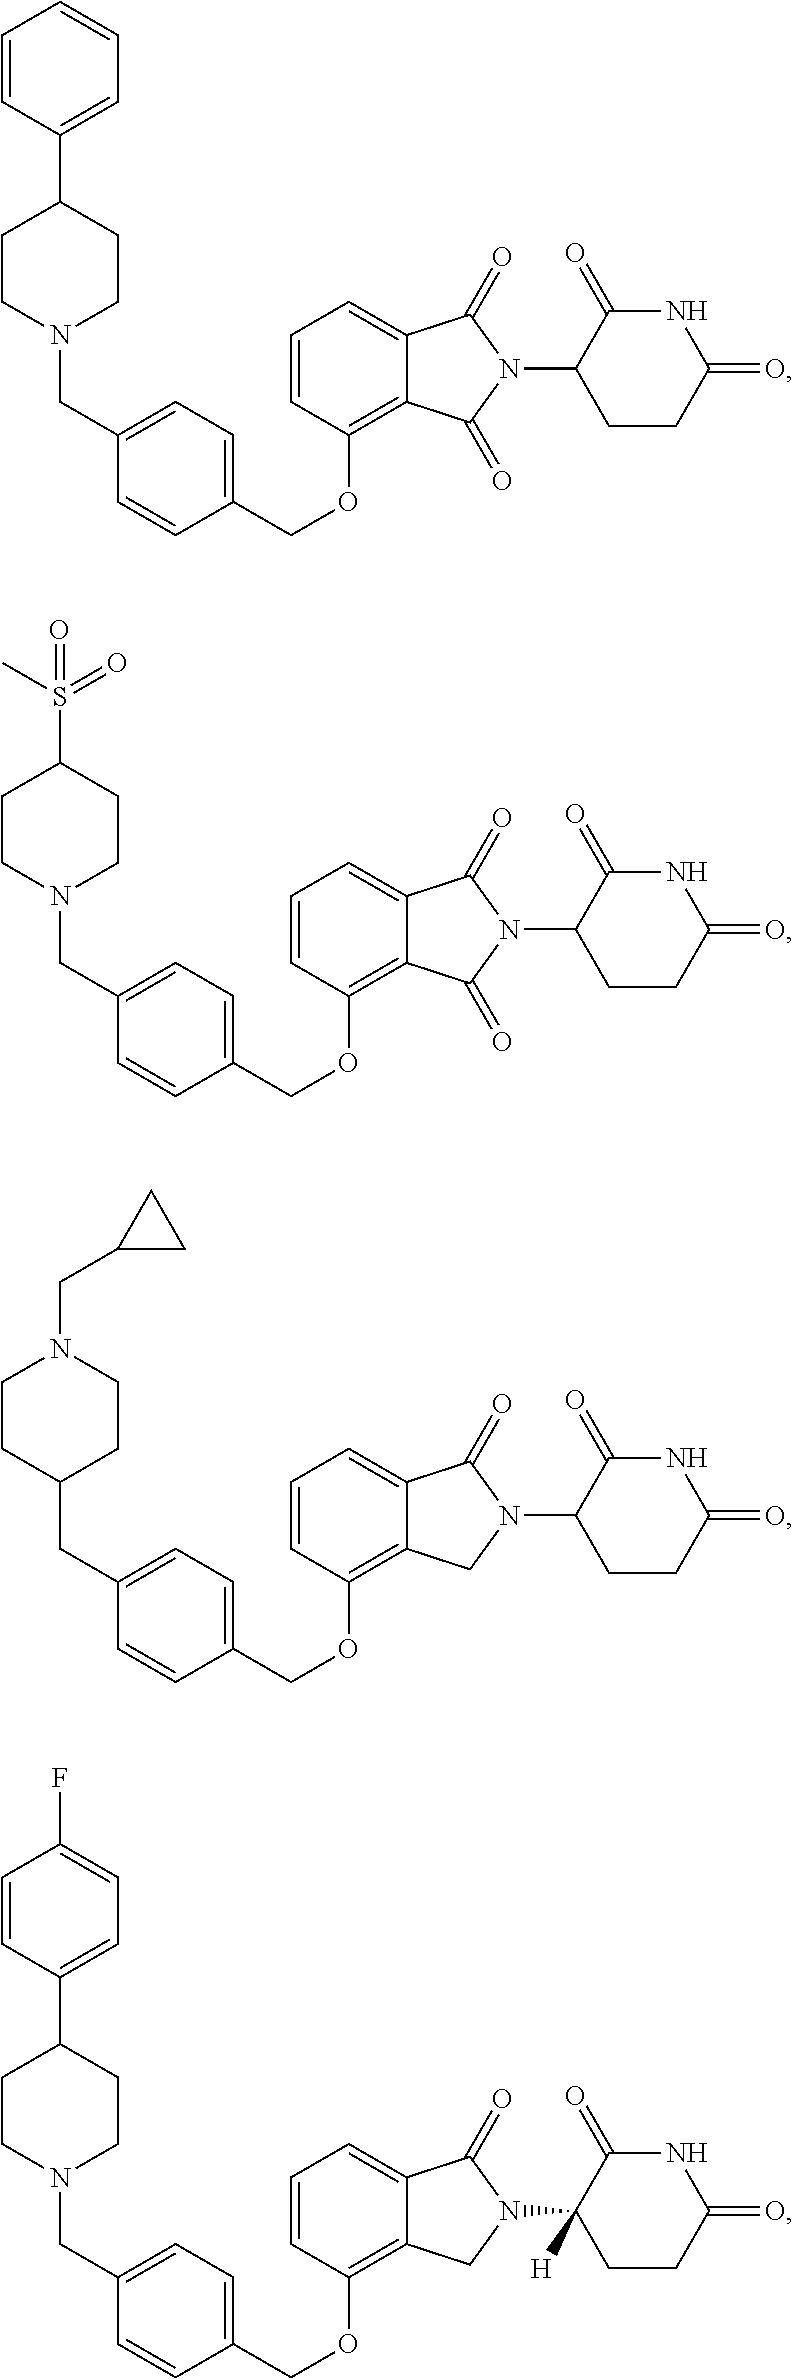 Figure US09587281-20170307-C00088